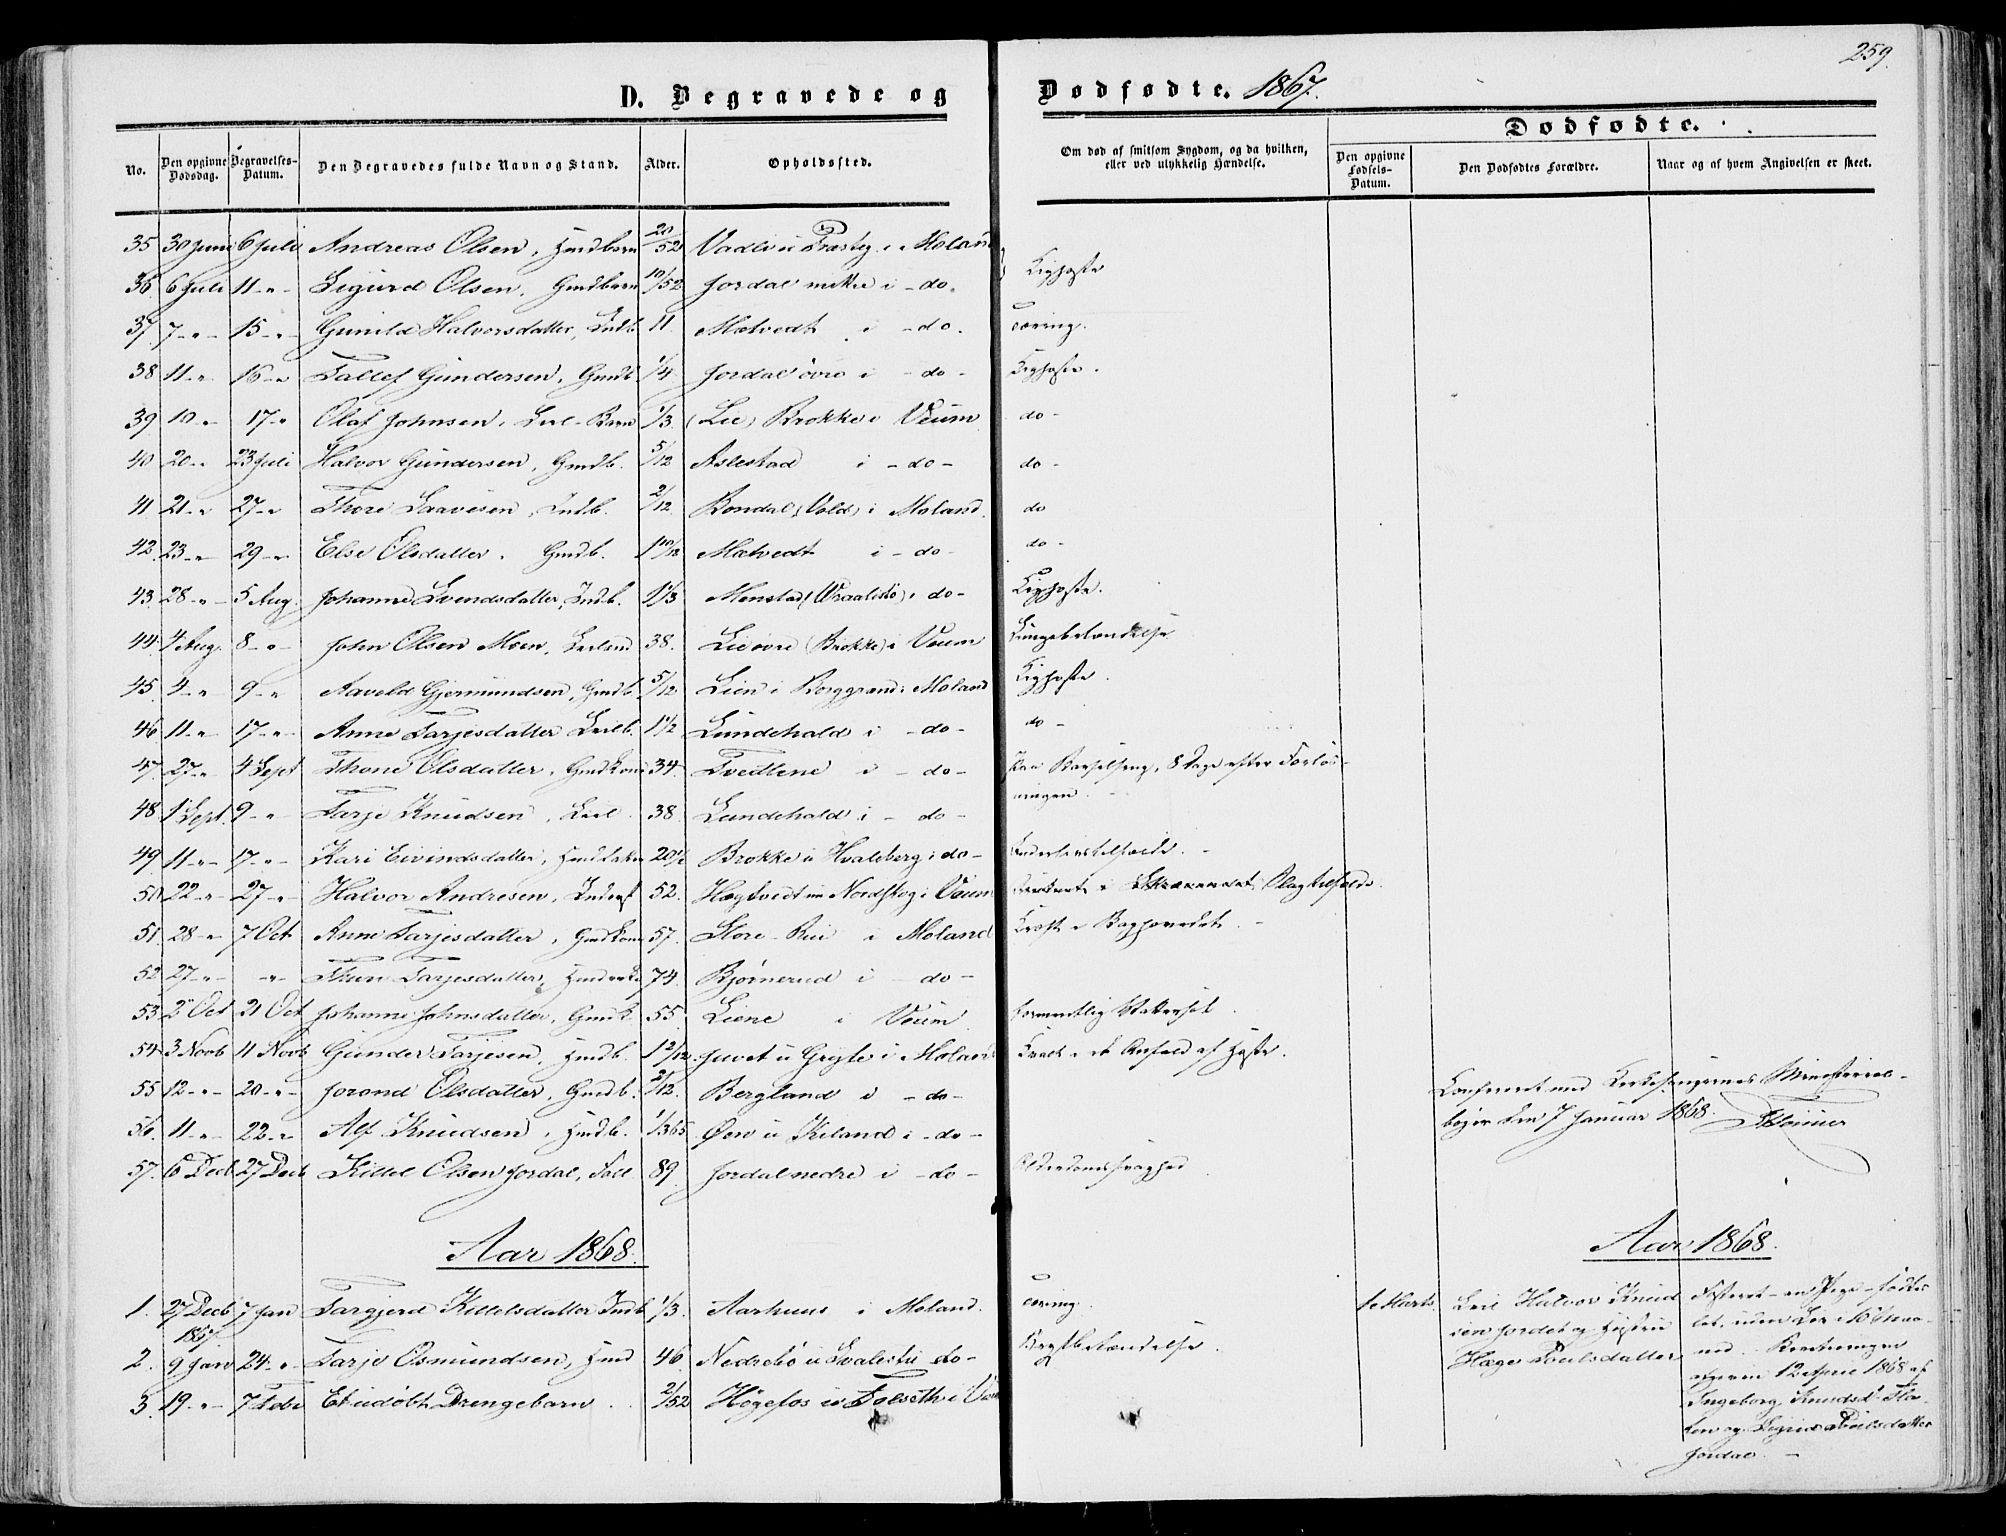 SAKO, Fyresdal kirkebøker, F/Fa/L0005: Ministerialbok nr. I 5, 1855-1871, s. 259